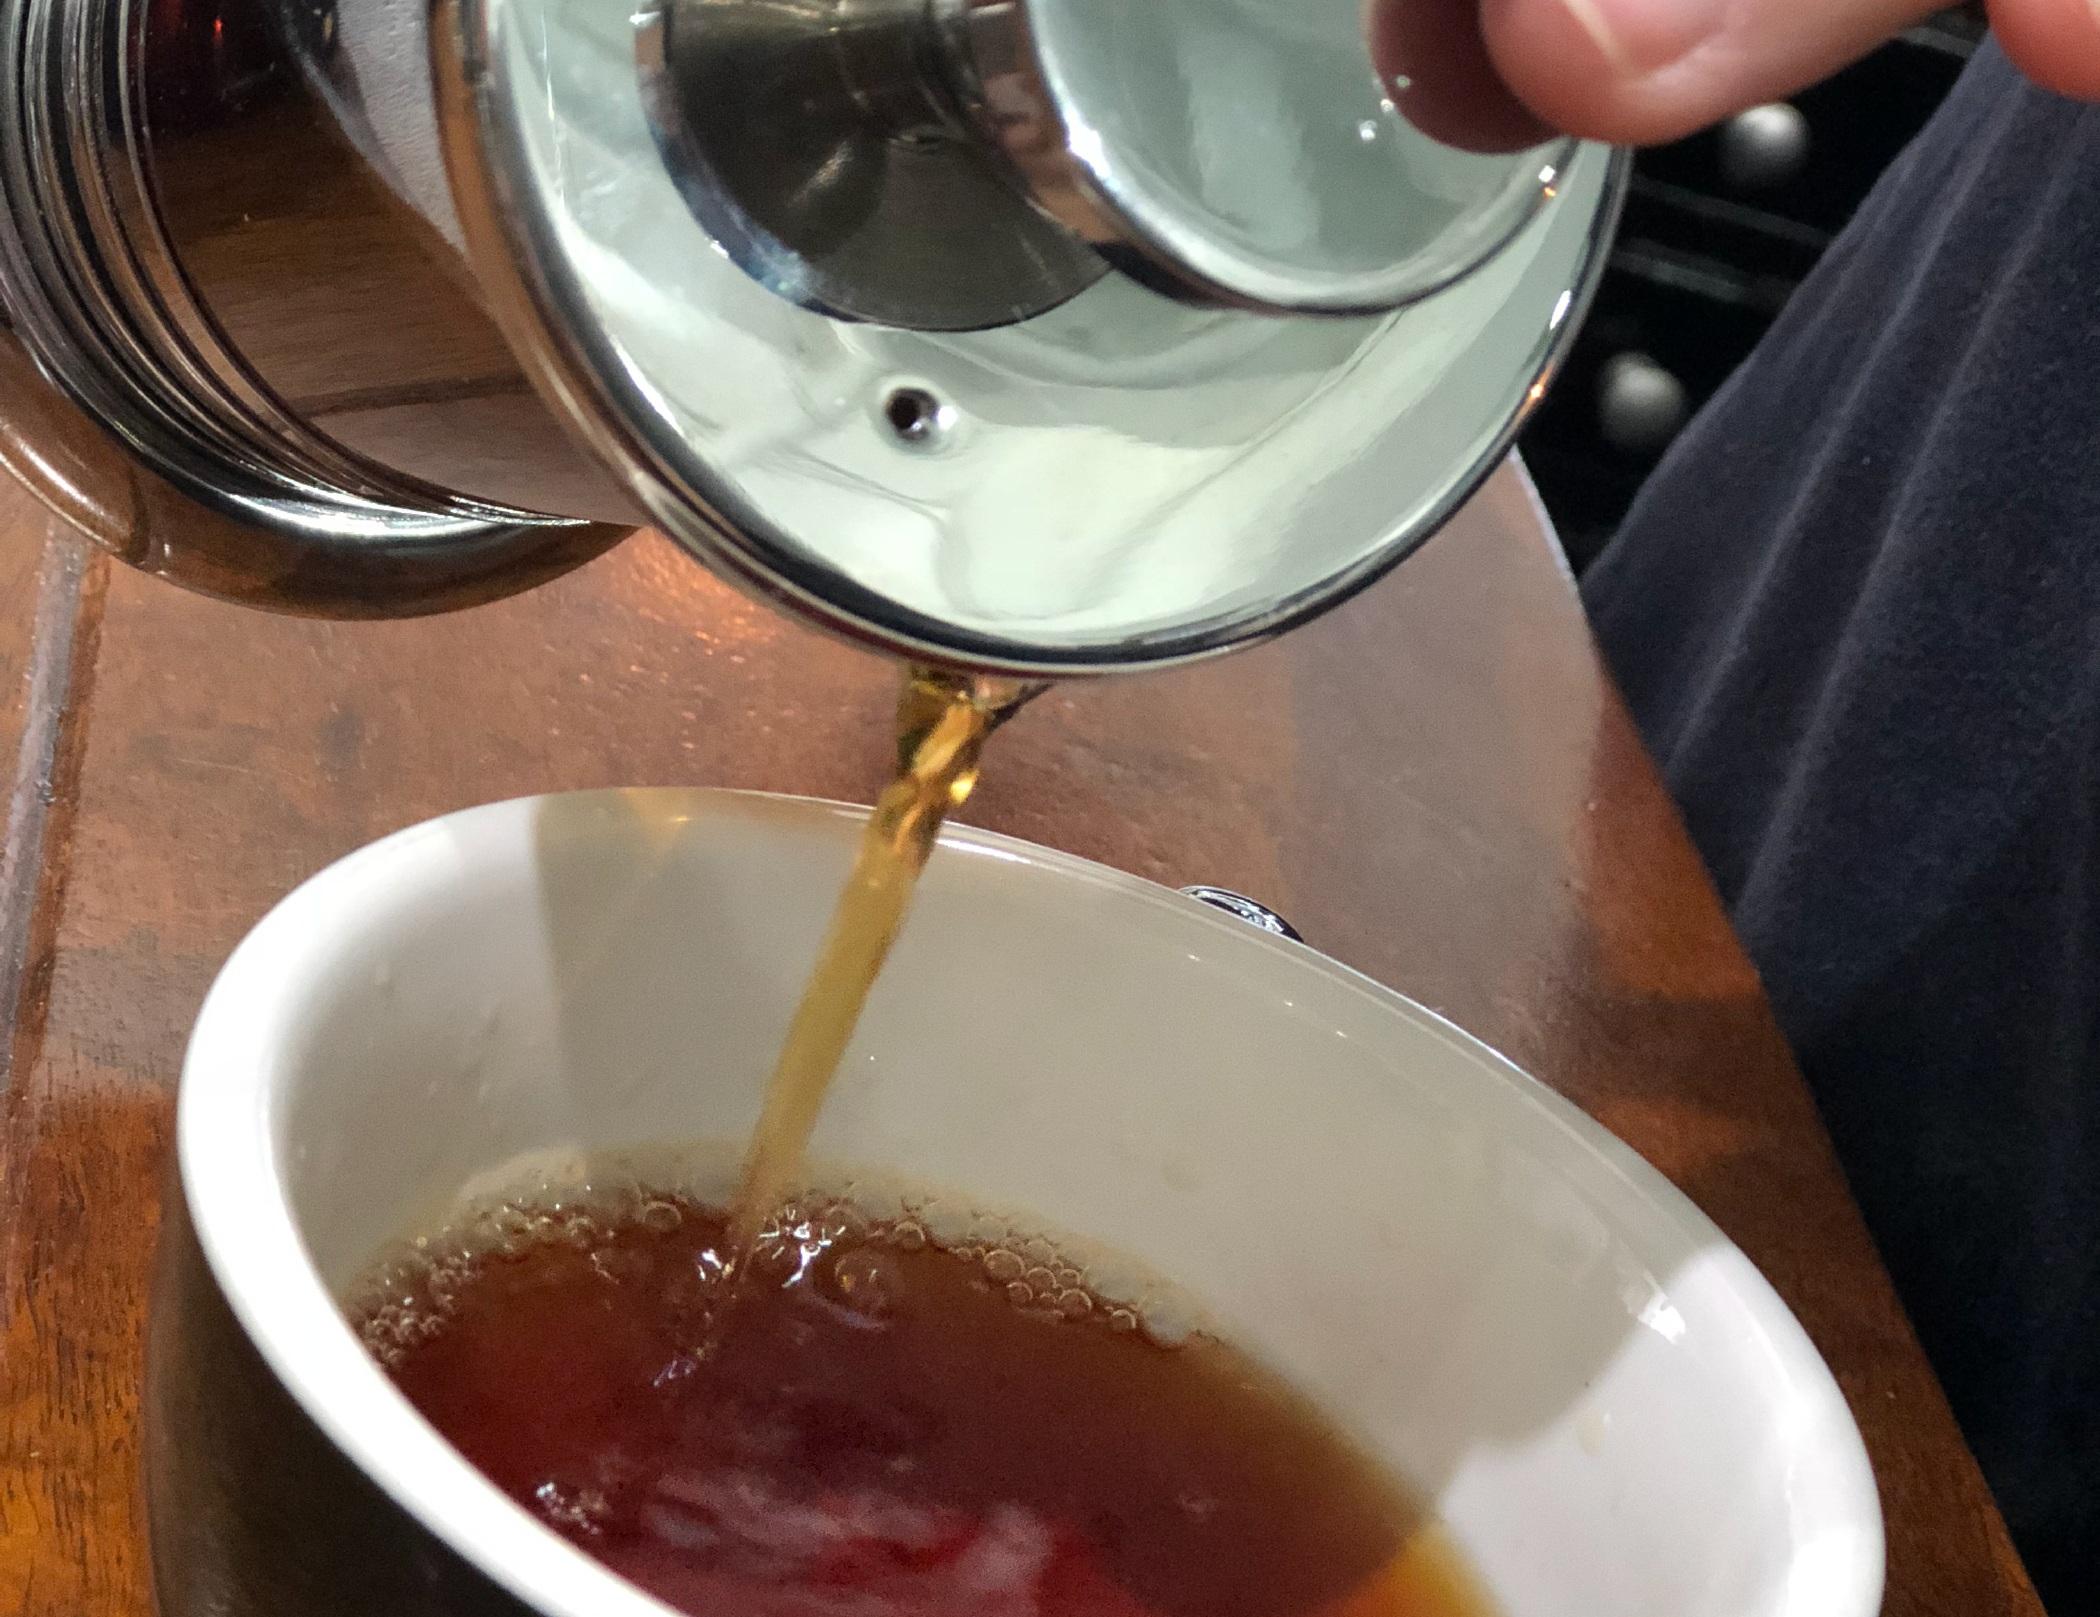 Paso #4 - - Luego de los 10 minutos, baja el embolo para poder filtrarlo y servirlo.